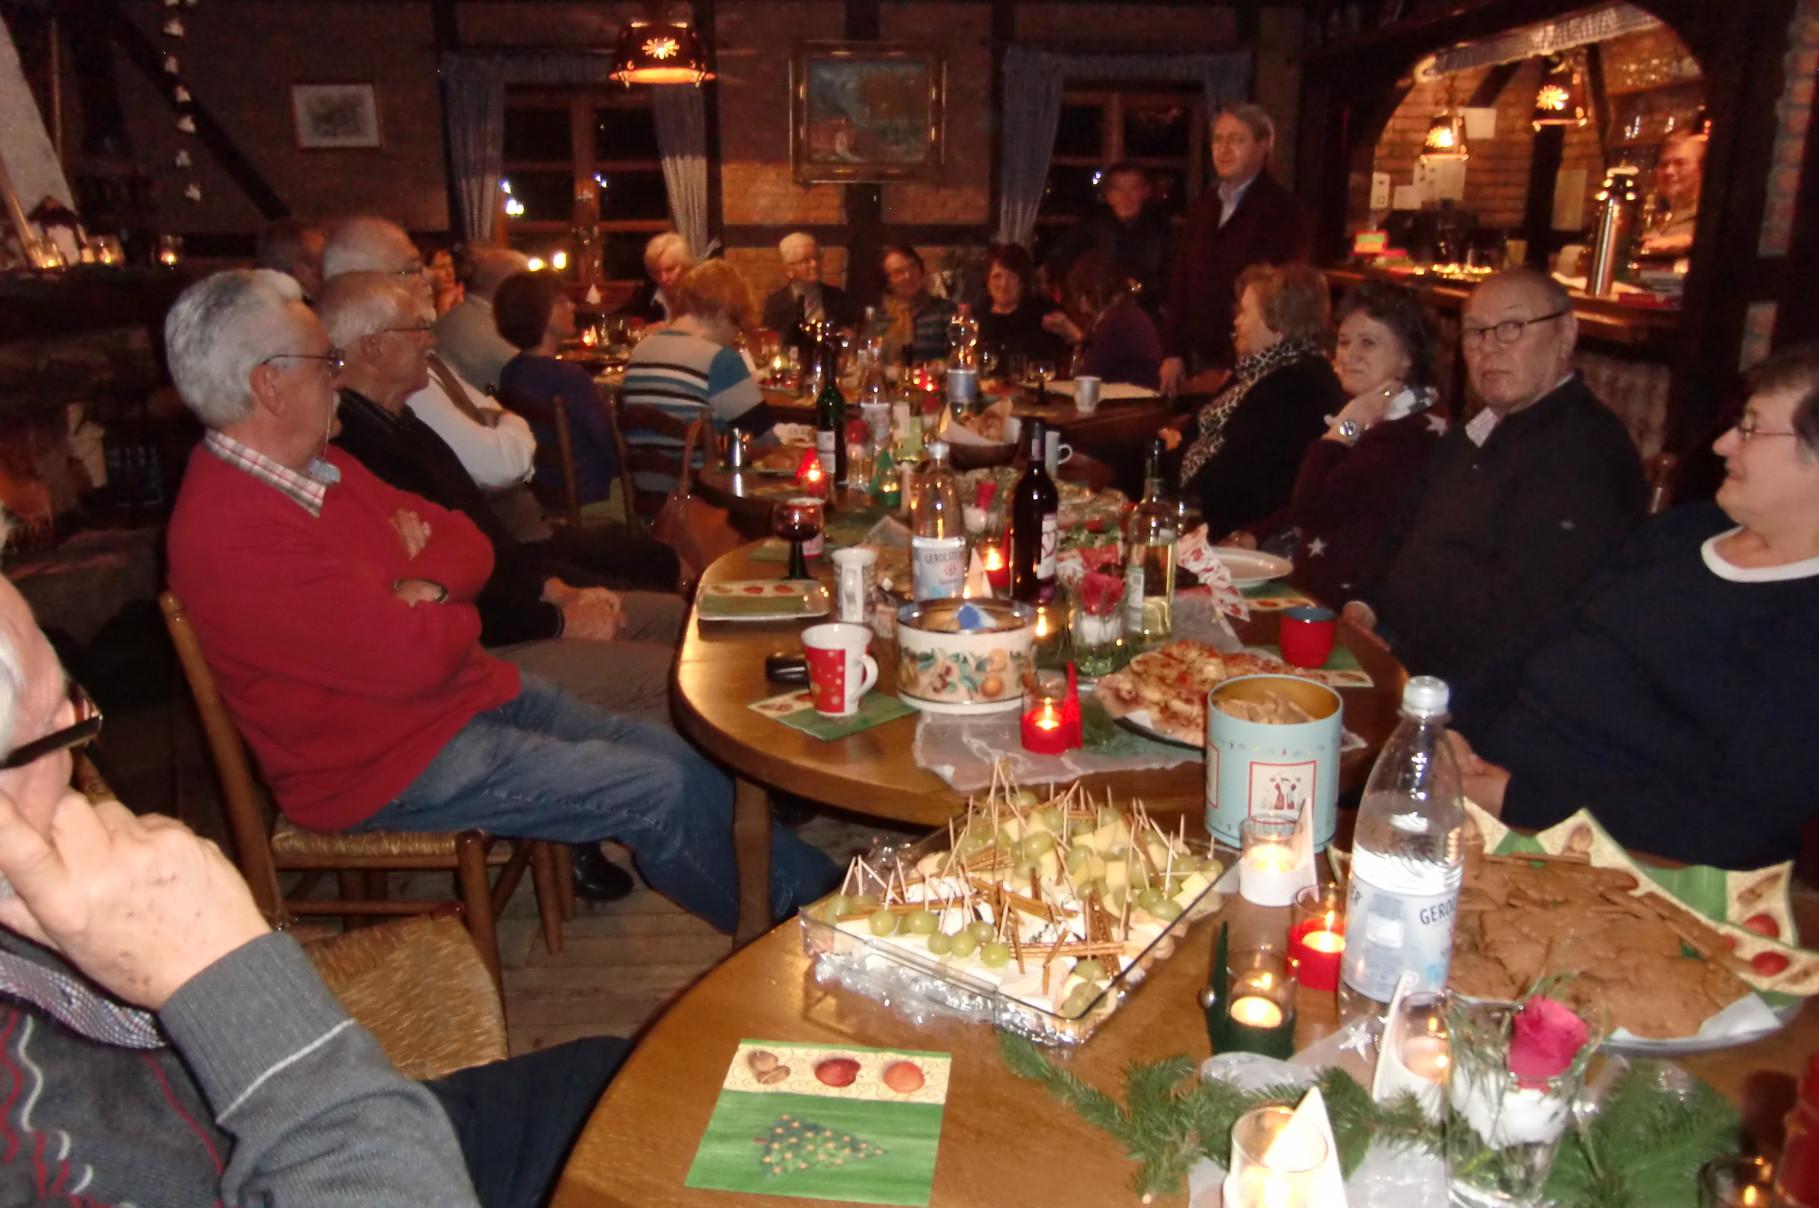 Der Tisch ist weihnachtlich gedeckt